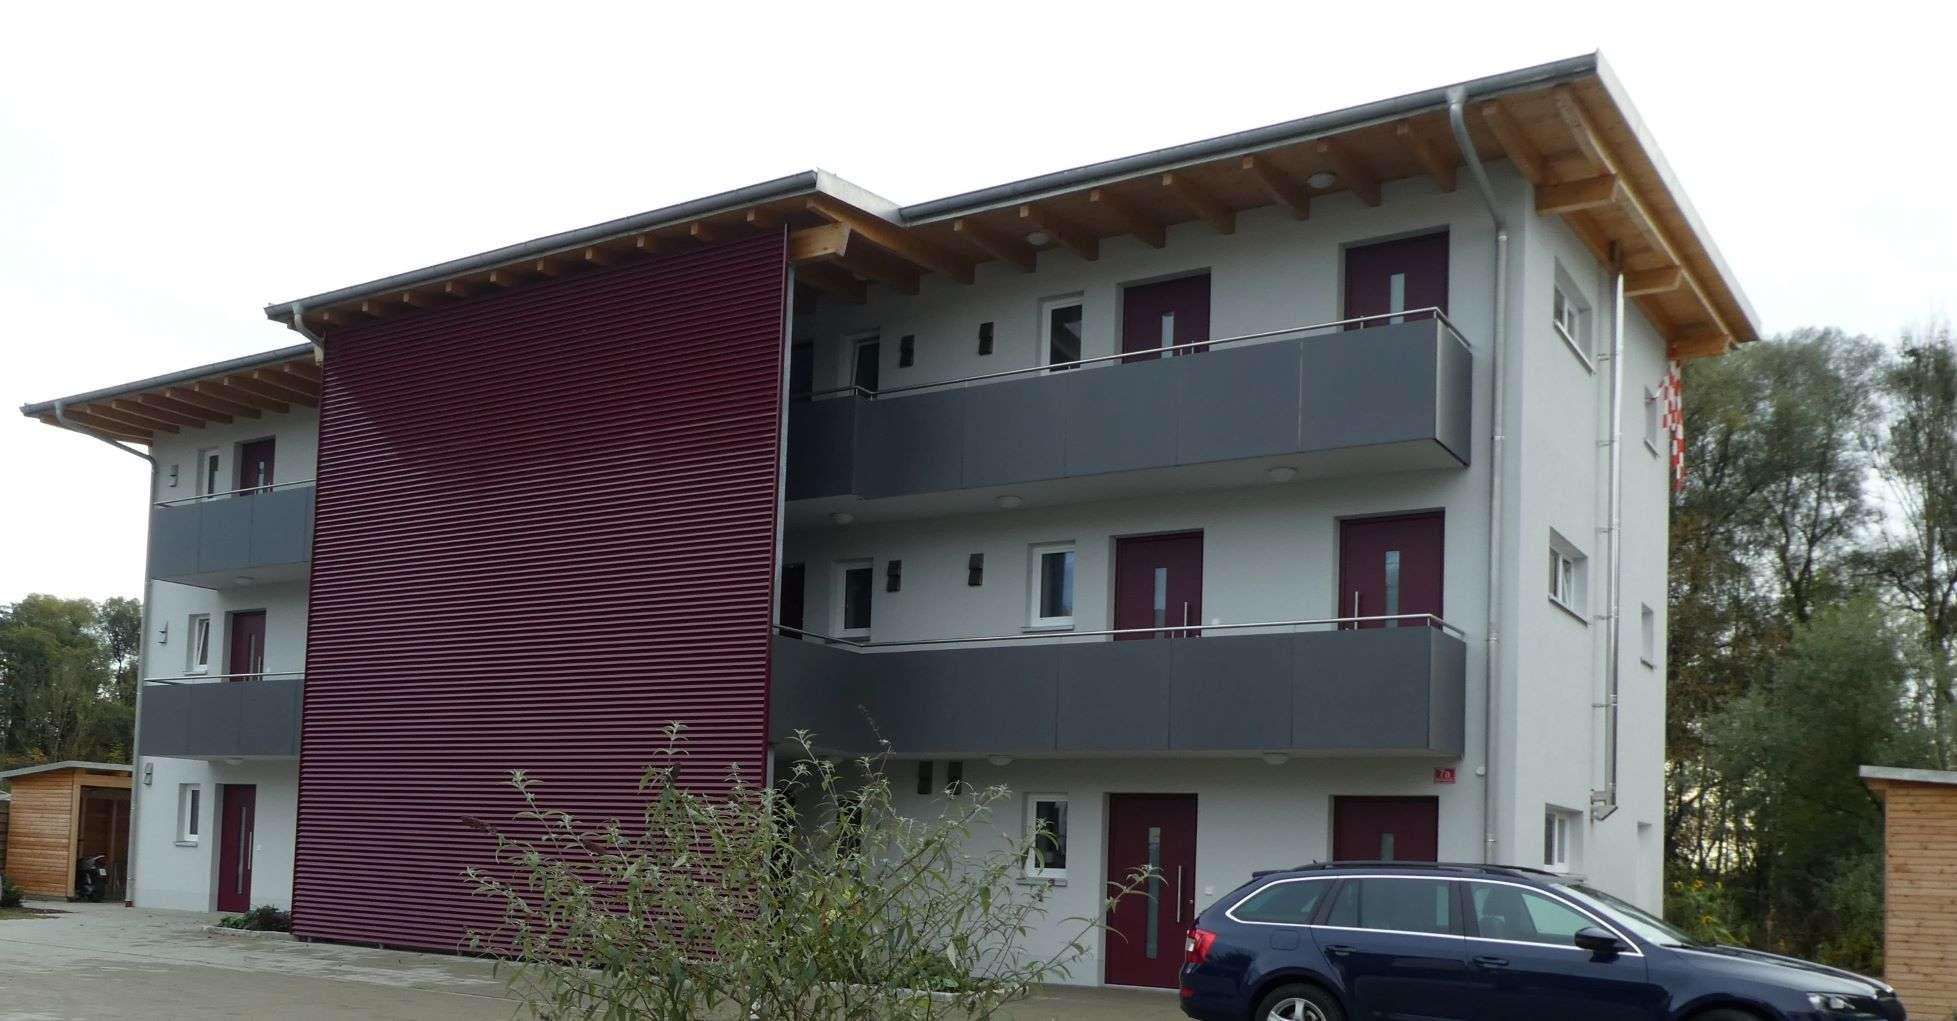 1 Zi.-Appartement, möbliert, Nähe TUM Campus-Weihenstephan, in traumhafter Lage in